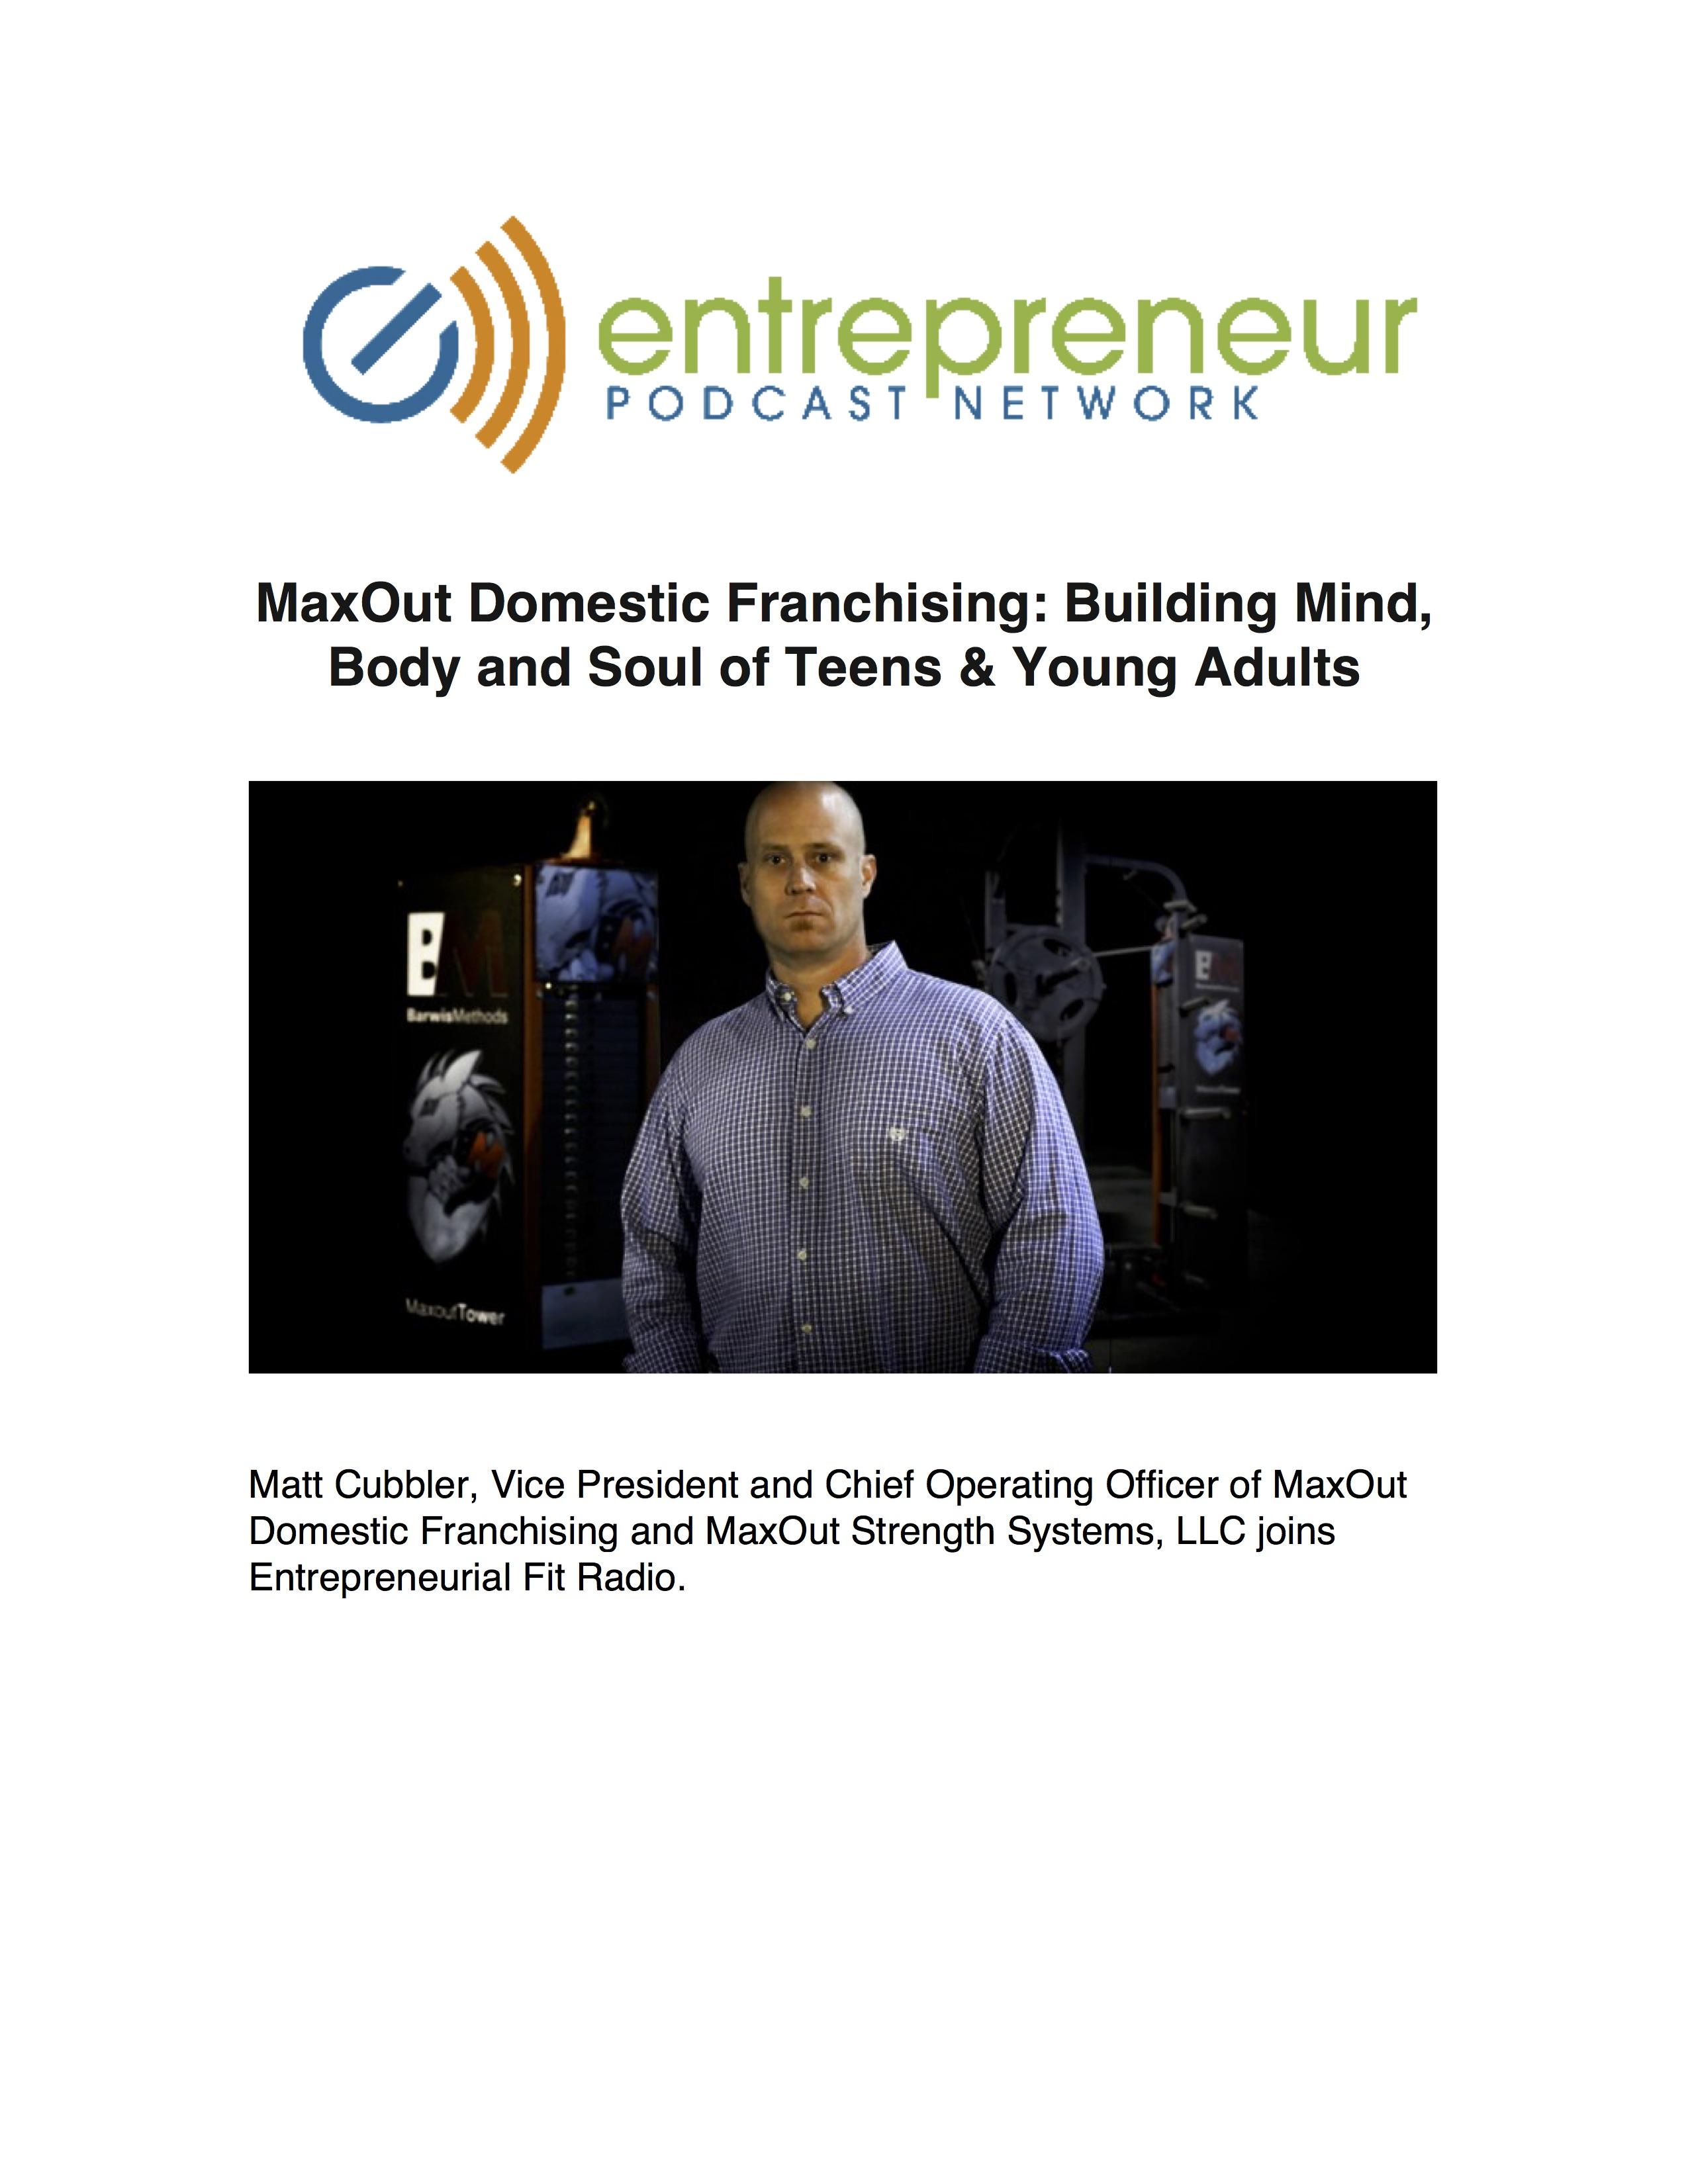 MaxOut Entrepreneur Fit